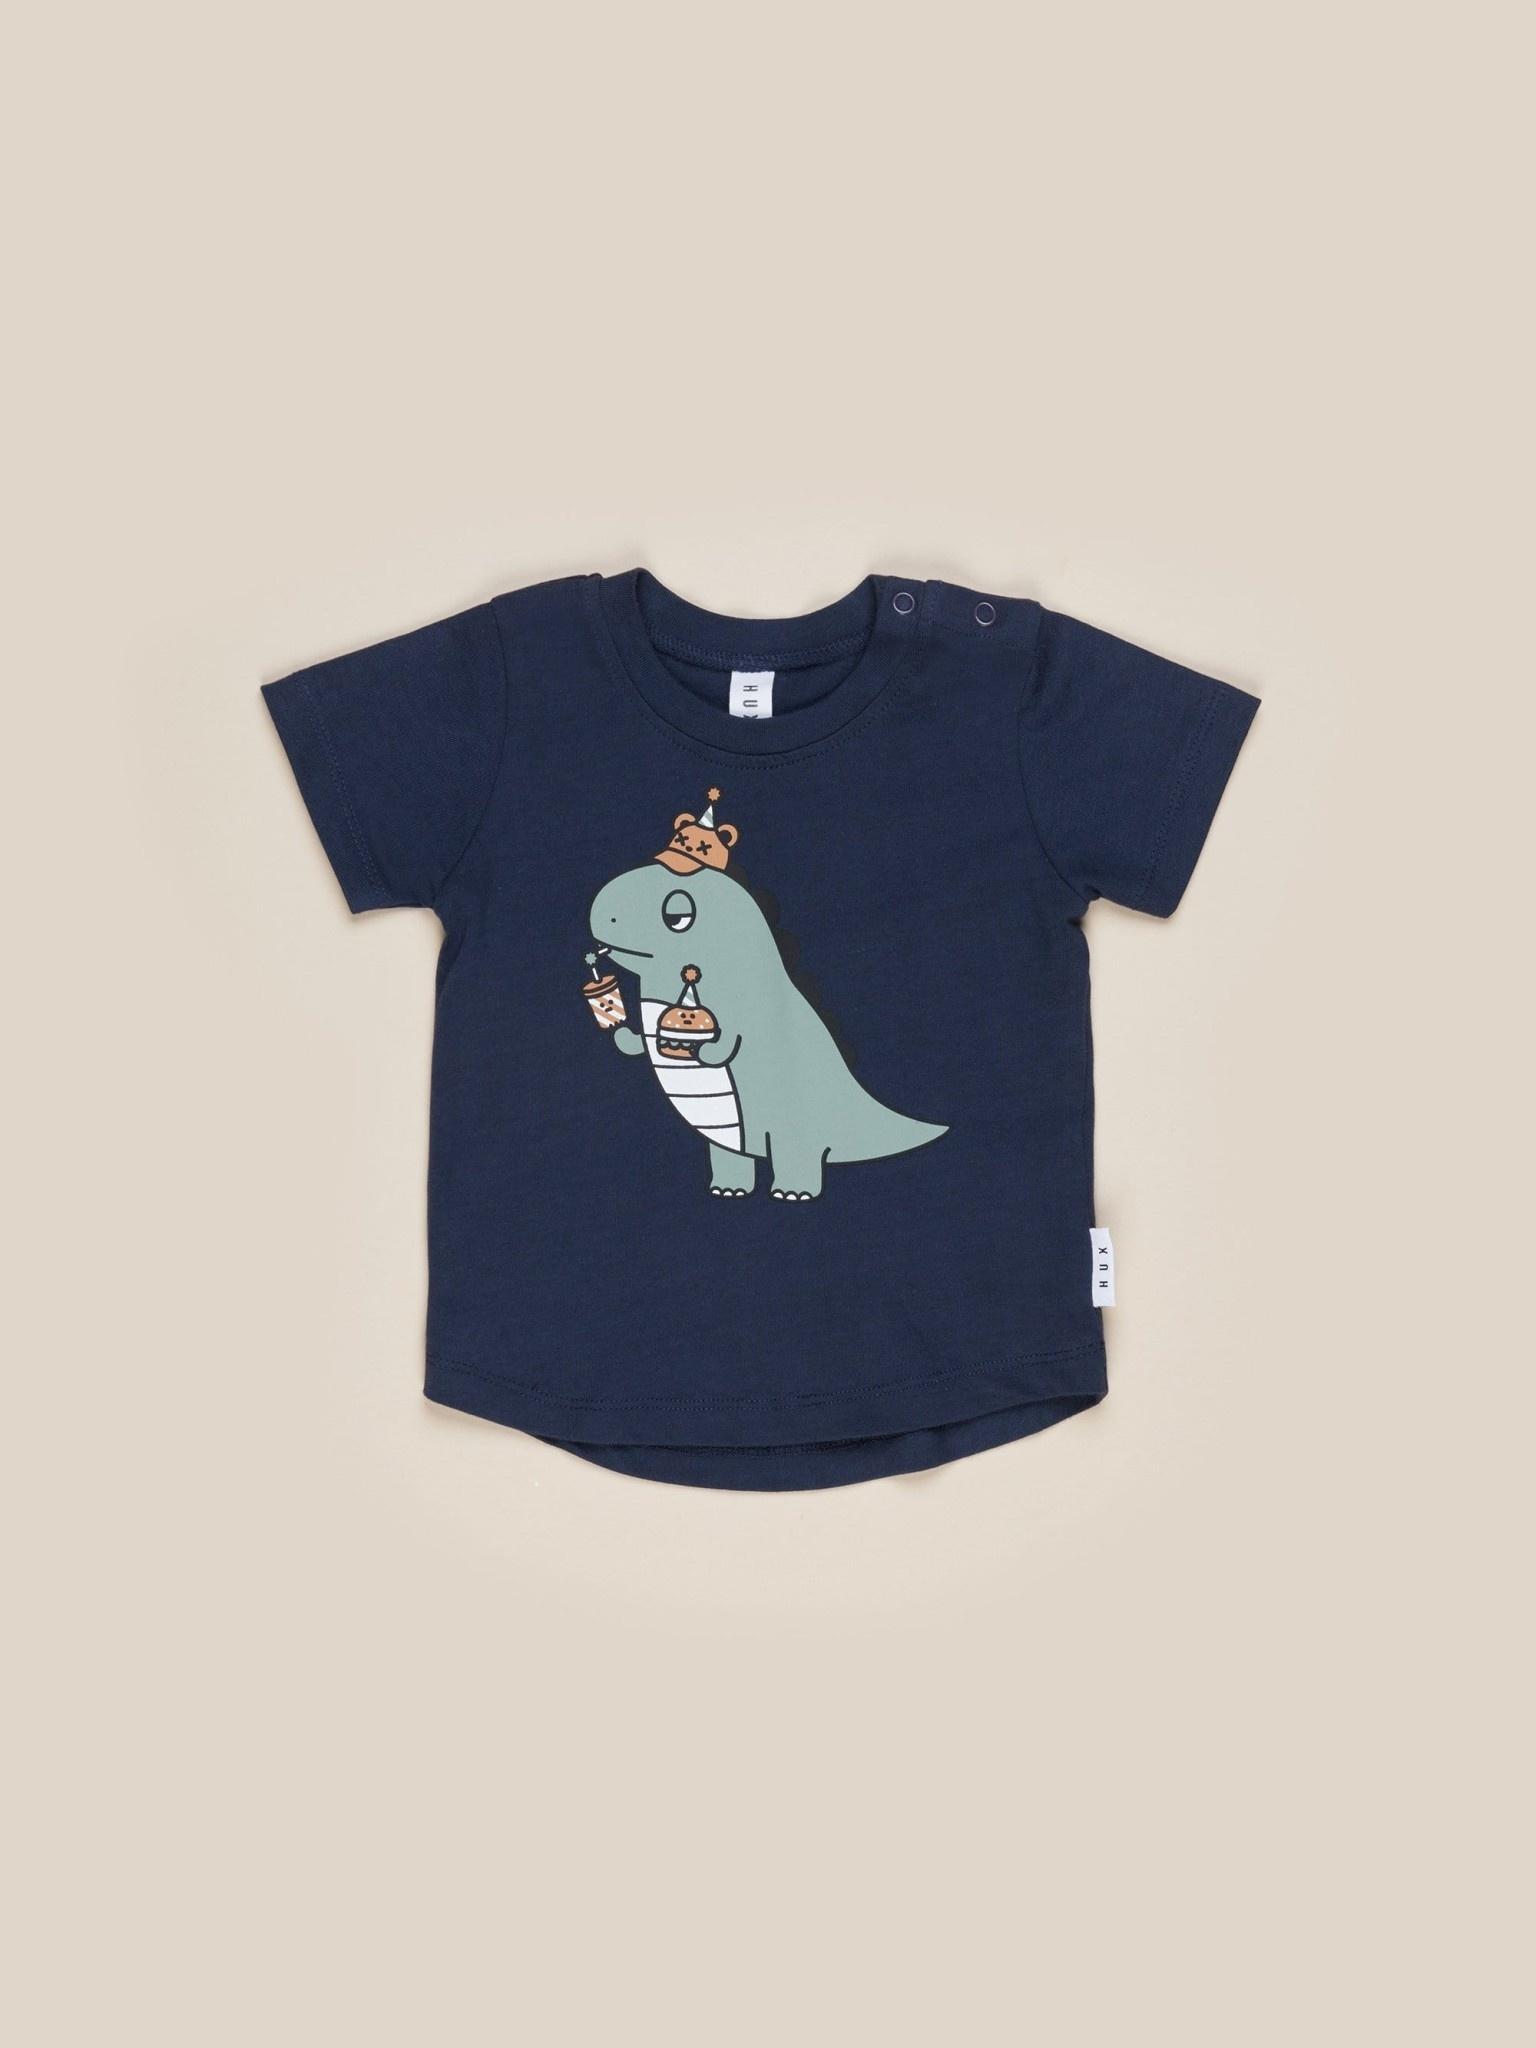 HUX BABY Dino T-Shirt